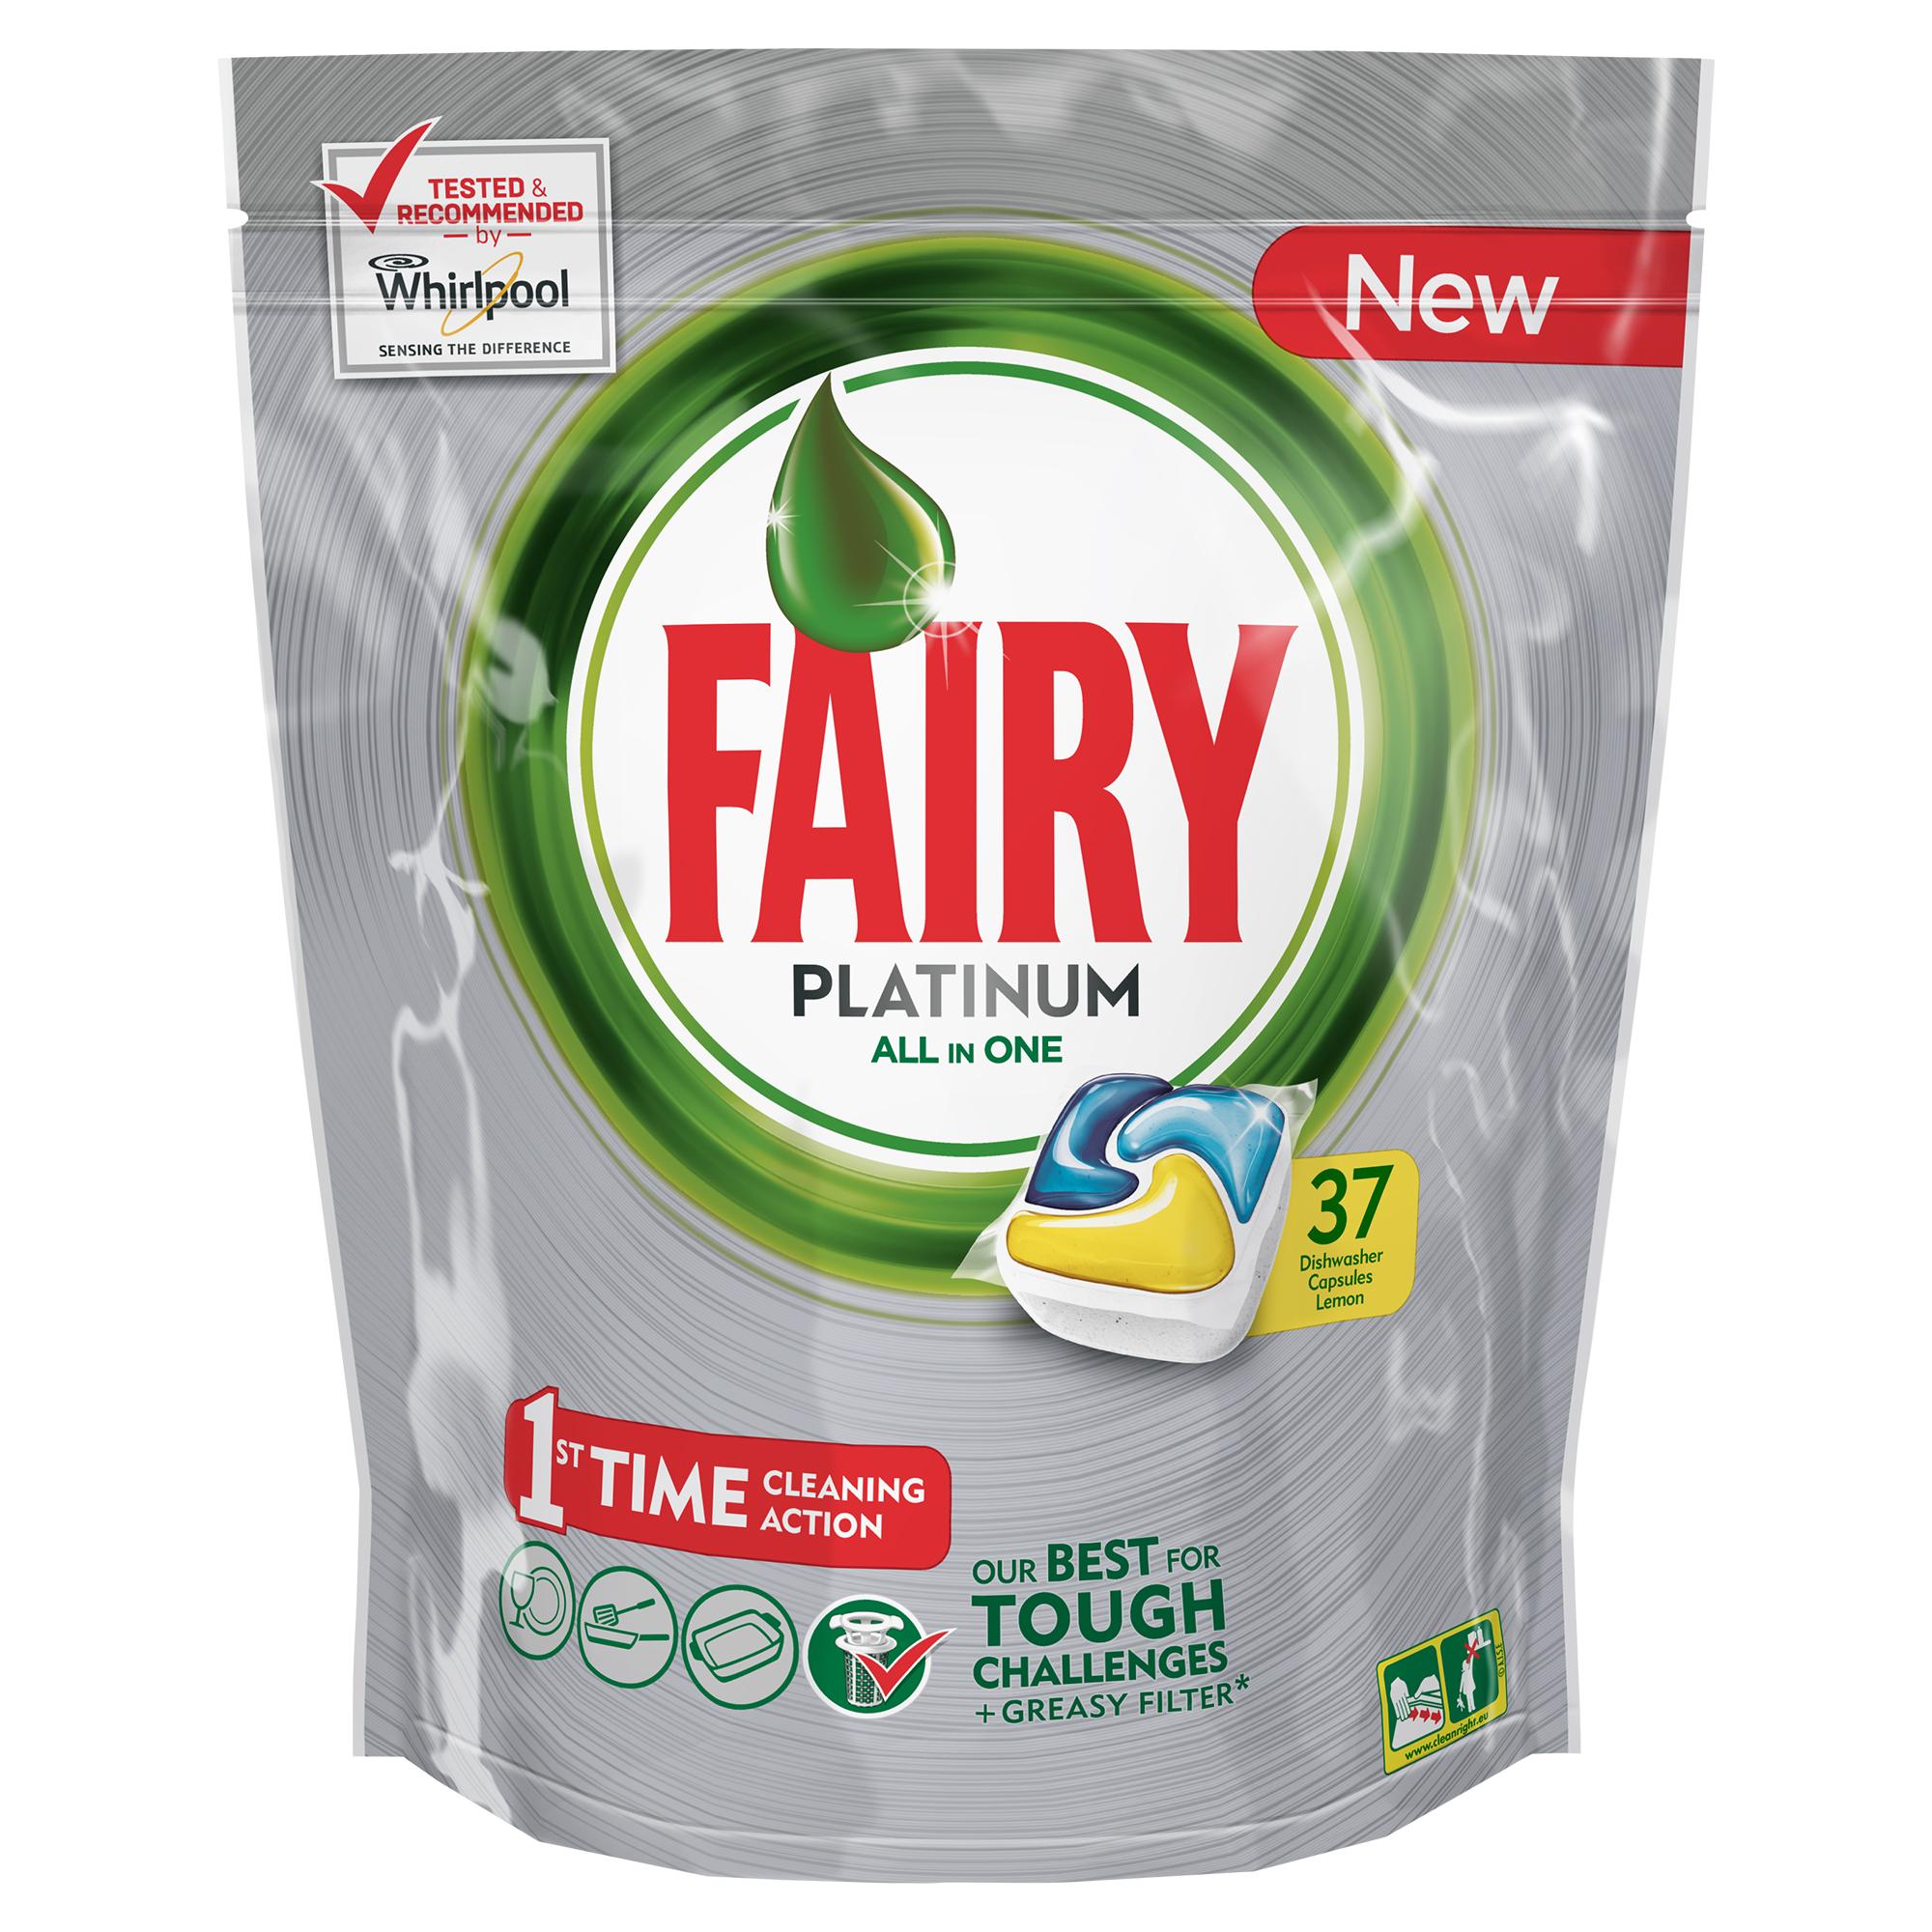 Капсулы для посудомоечной машины Fairy Platinum Лимон, 37 штFR-81607016Капсулы для посудомоечной машины Fairy Platinum All in One идеально отмоют посуду с 1-го раза и безупречно справятся с любыми сложными загрязнениями – от засохшего и пригоревшего жира до пятен от чая. С новыми капсулами Fairy Platinum ваша посуда будет сиять благодаря специальной формуле с усилителем блеска. Теперь вы можете готовить что угодно и быть уверенным, что ваша машинка с легкостью справится с грязной посудой благодаря Fairy Platinum. Капсула растворяется гораздо быстрее, чем другие таблетки для посудомоечной машины, и поэтому начинает действовать немедленно. Кроме того, капсулы Fairy очень просты в использовании – просто поместите их в посудомоечную машину (не нужно распаковывать). Сила Fairy Platinum теперь и для посудомоечных машин! Лучшая формула Fairy для идеально чистой посуды с 1-го раза. Легко справится даже с засохшей и пригоревшей грязью. Капсулы для посудомоечной машины Fairy Platinum All in One dishwasher tablets Такой сильный, что очистит даже фильтр от...